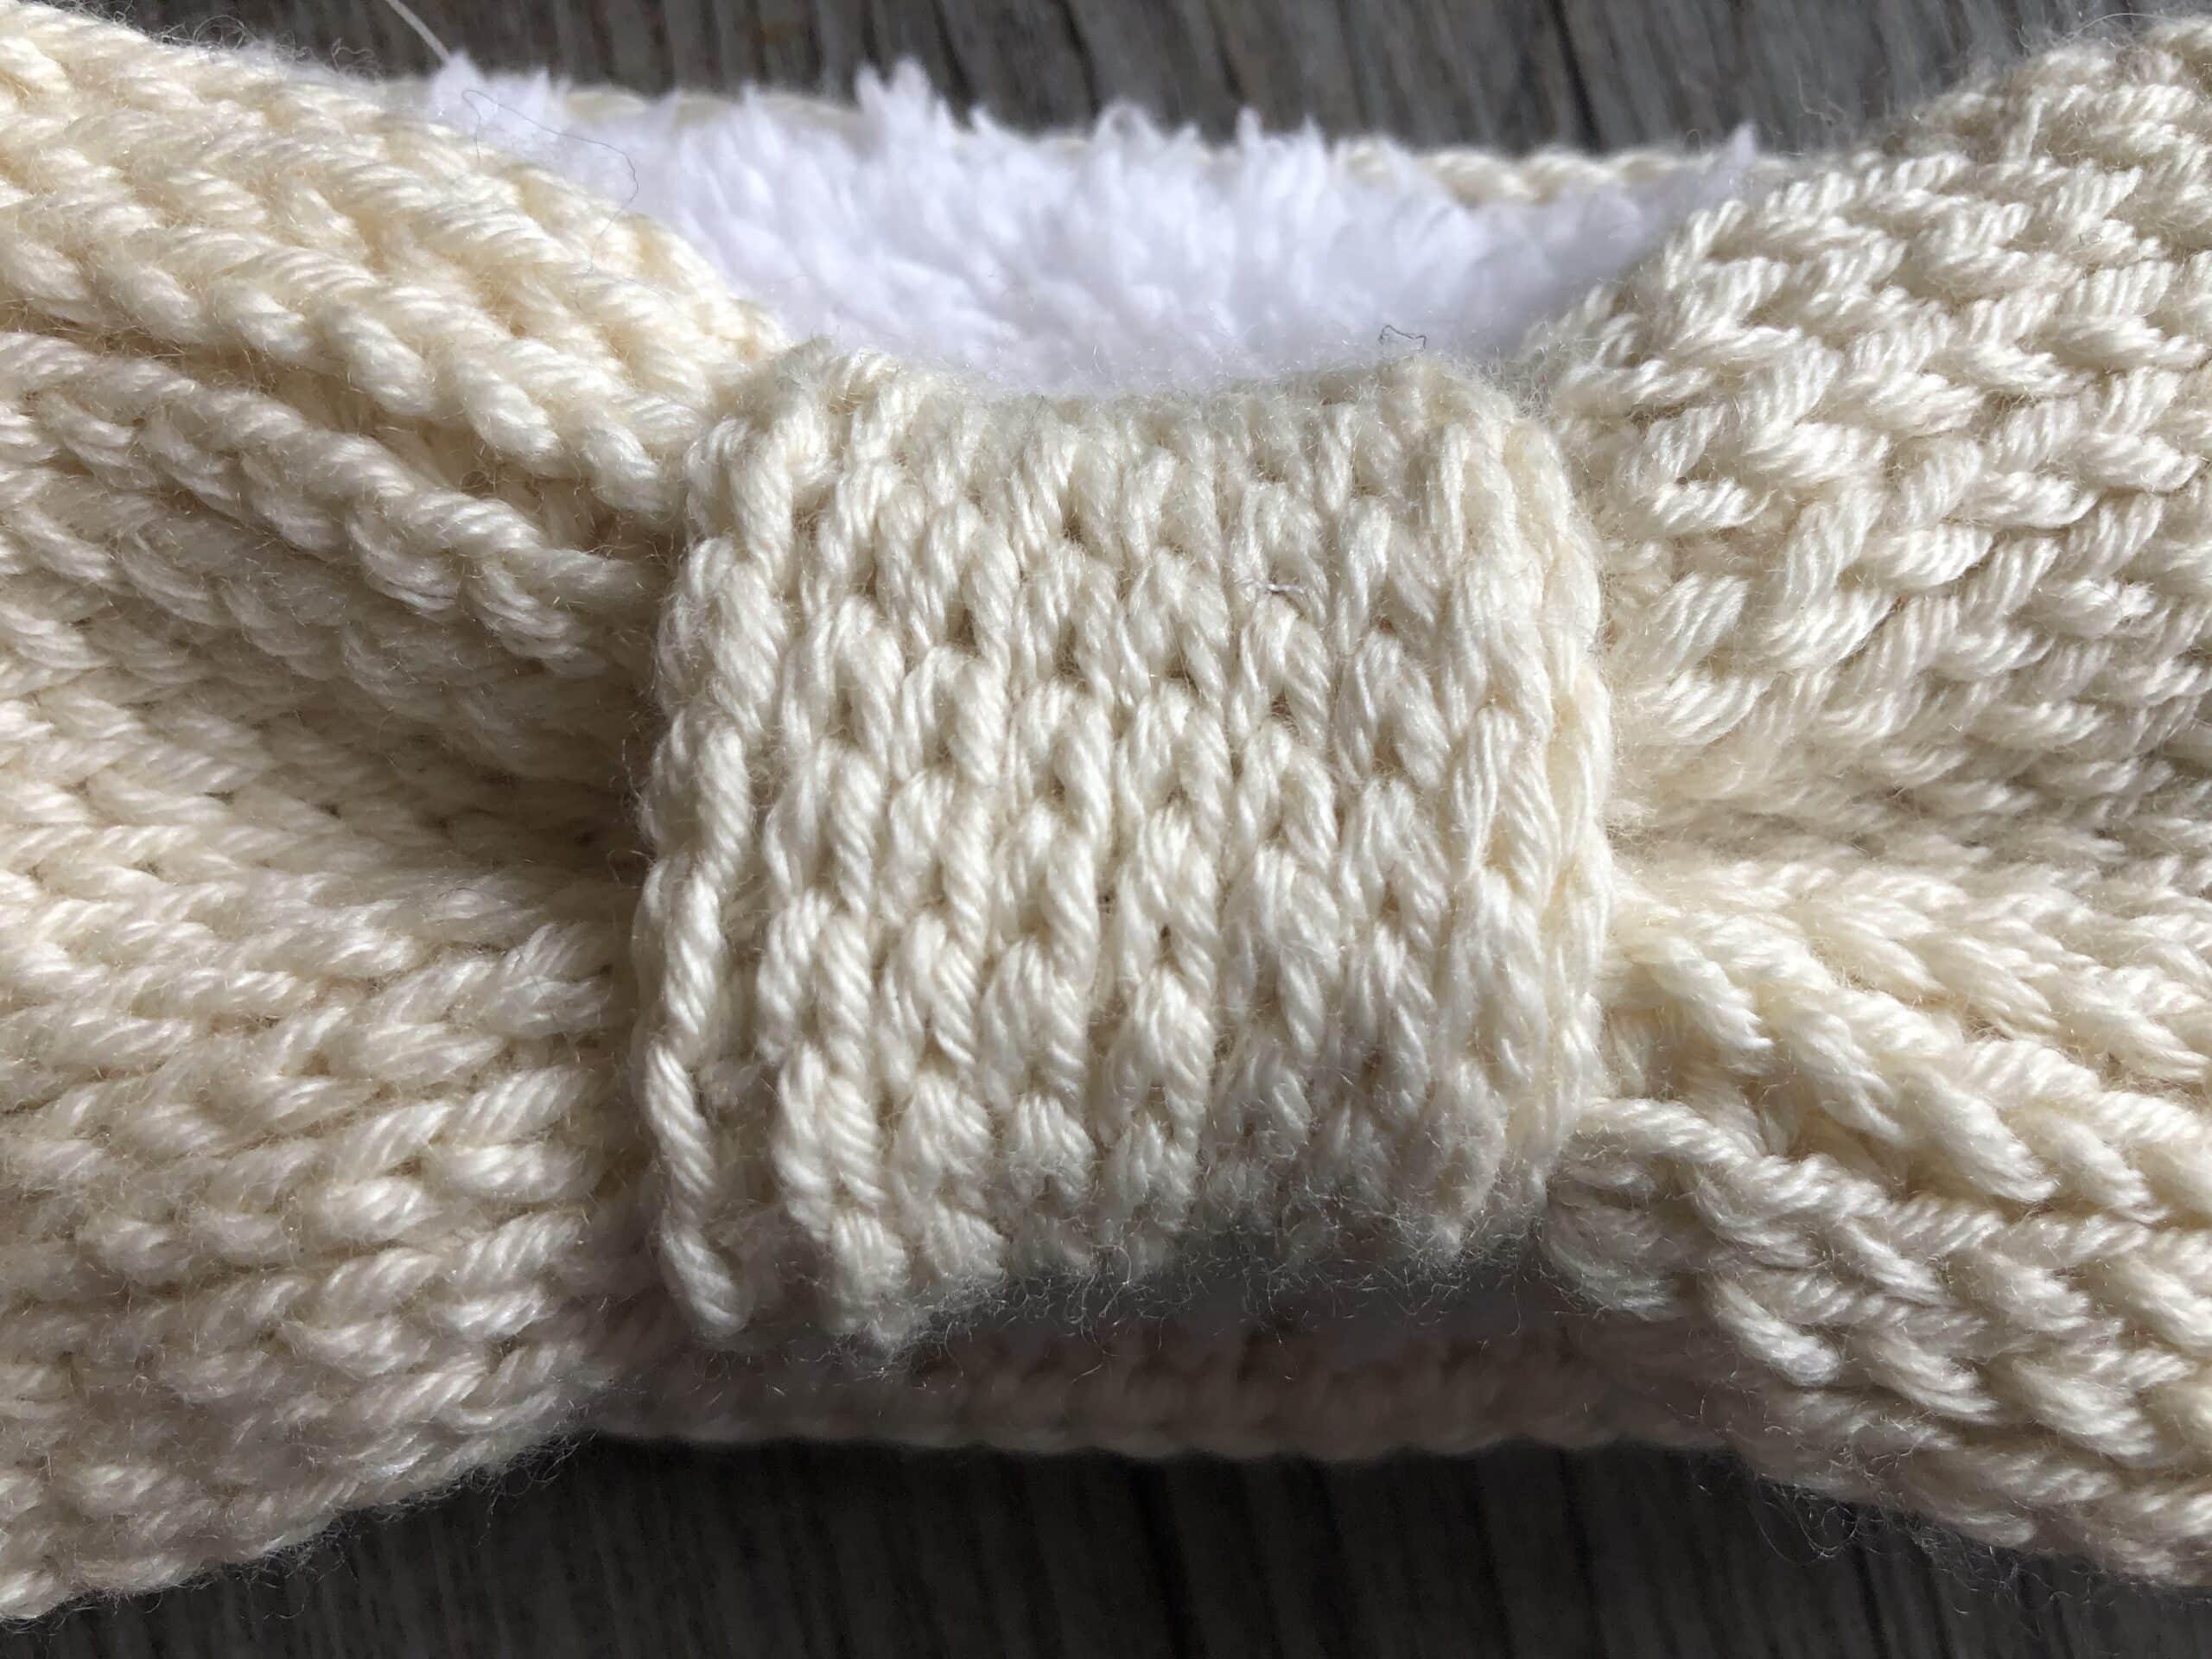 centre tie of a crochet winter ear warmer